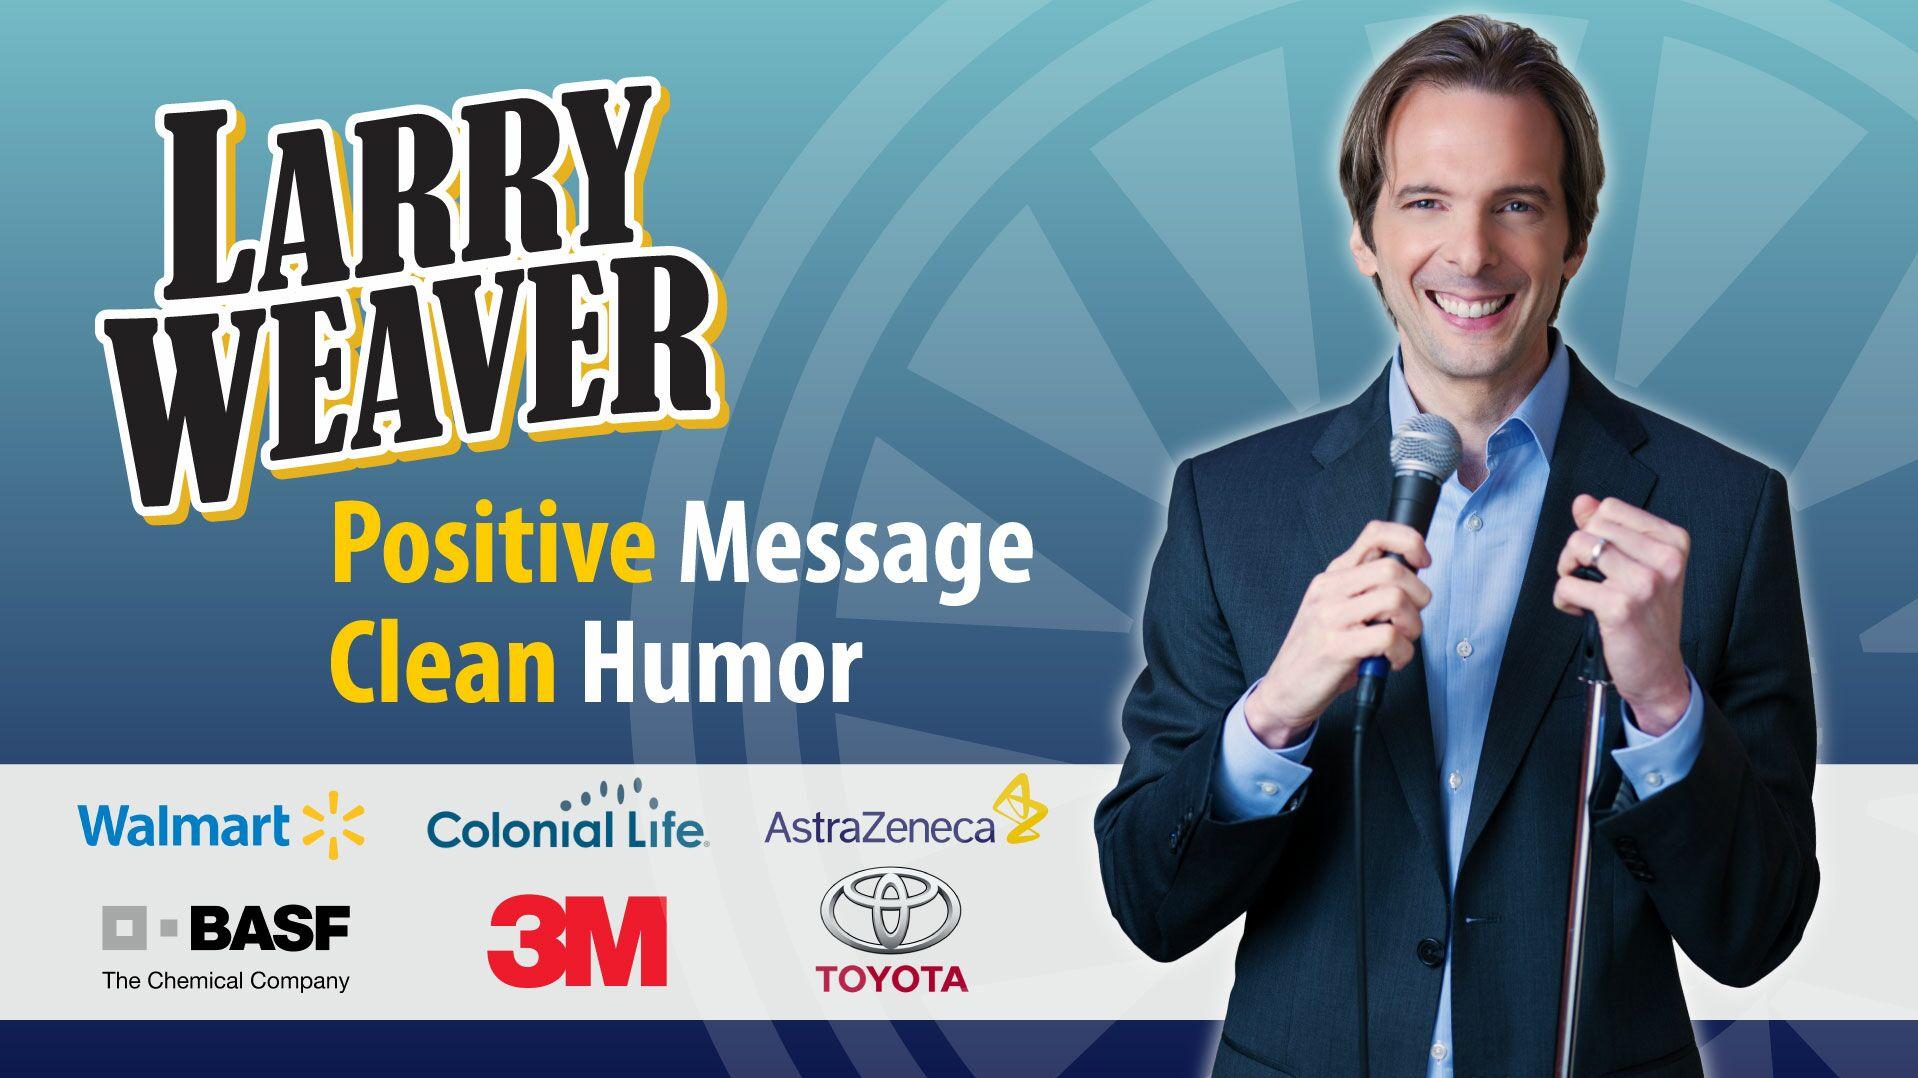 Larry Weaver - Funny and Motivational Speaker! - Motivational Speaker - Orlando, FL